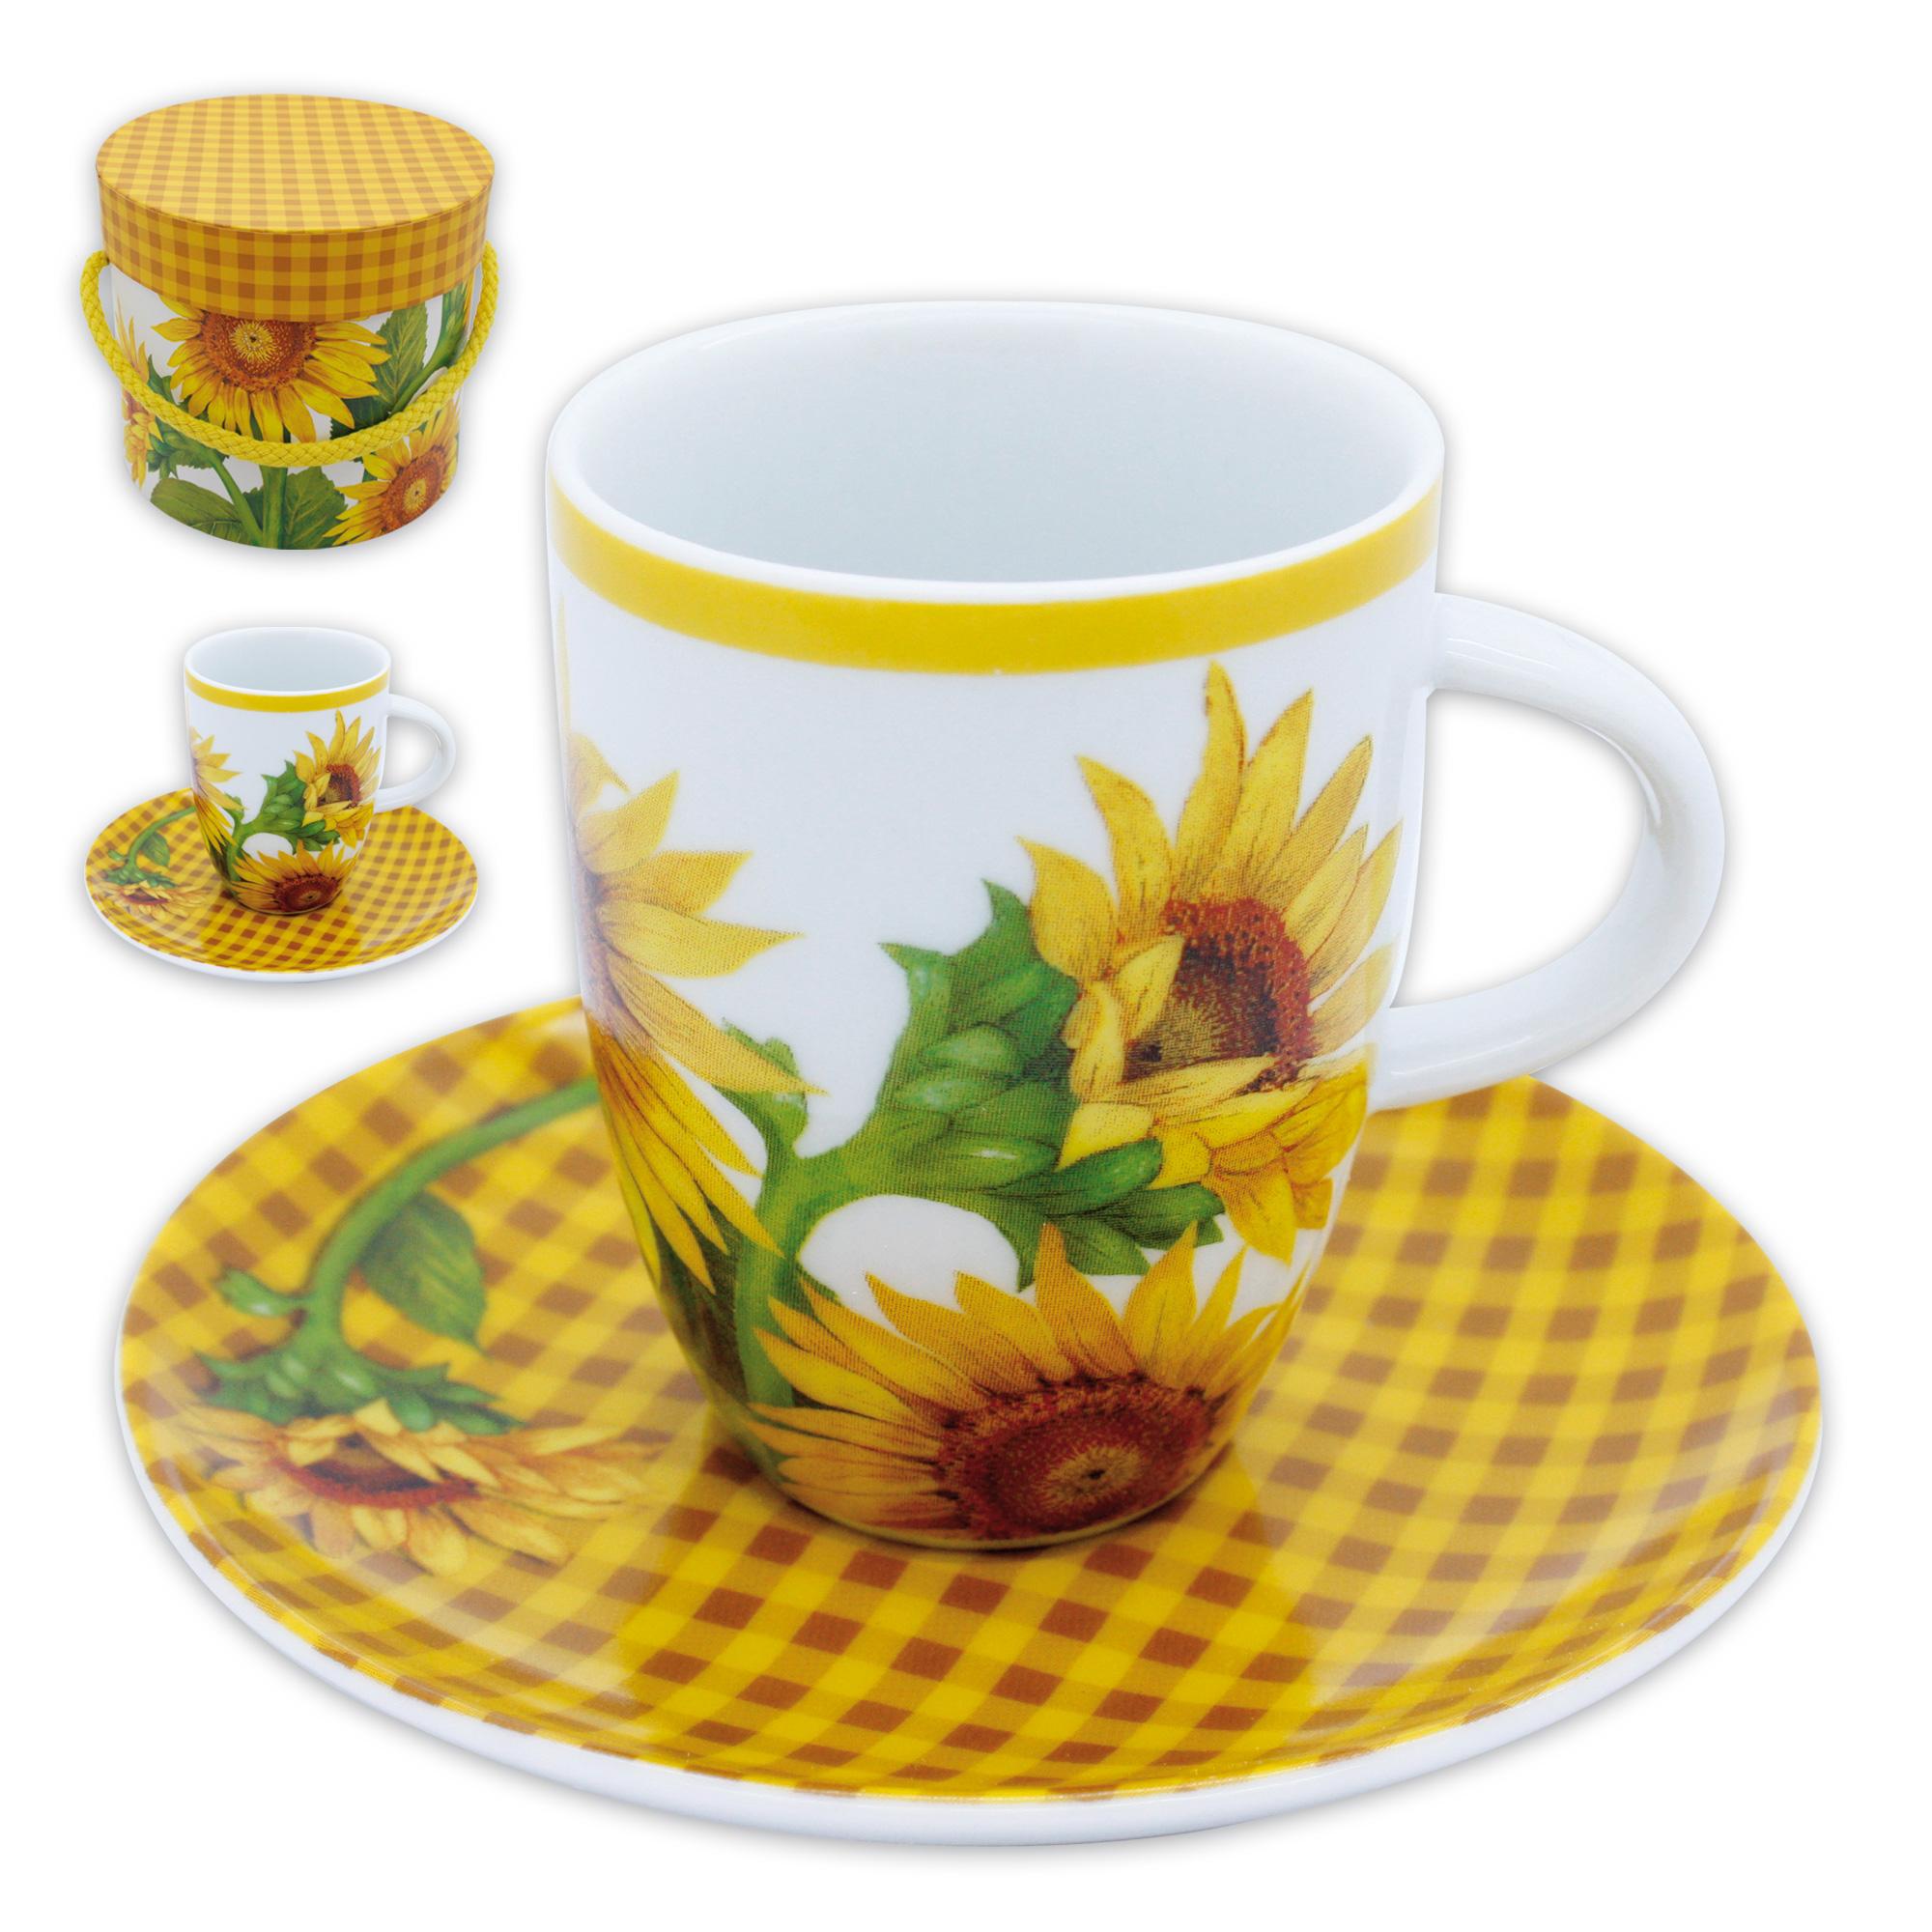 2 Edle Designer Espresso Tassen In Wundersch Ner